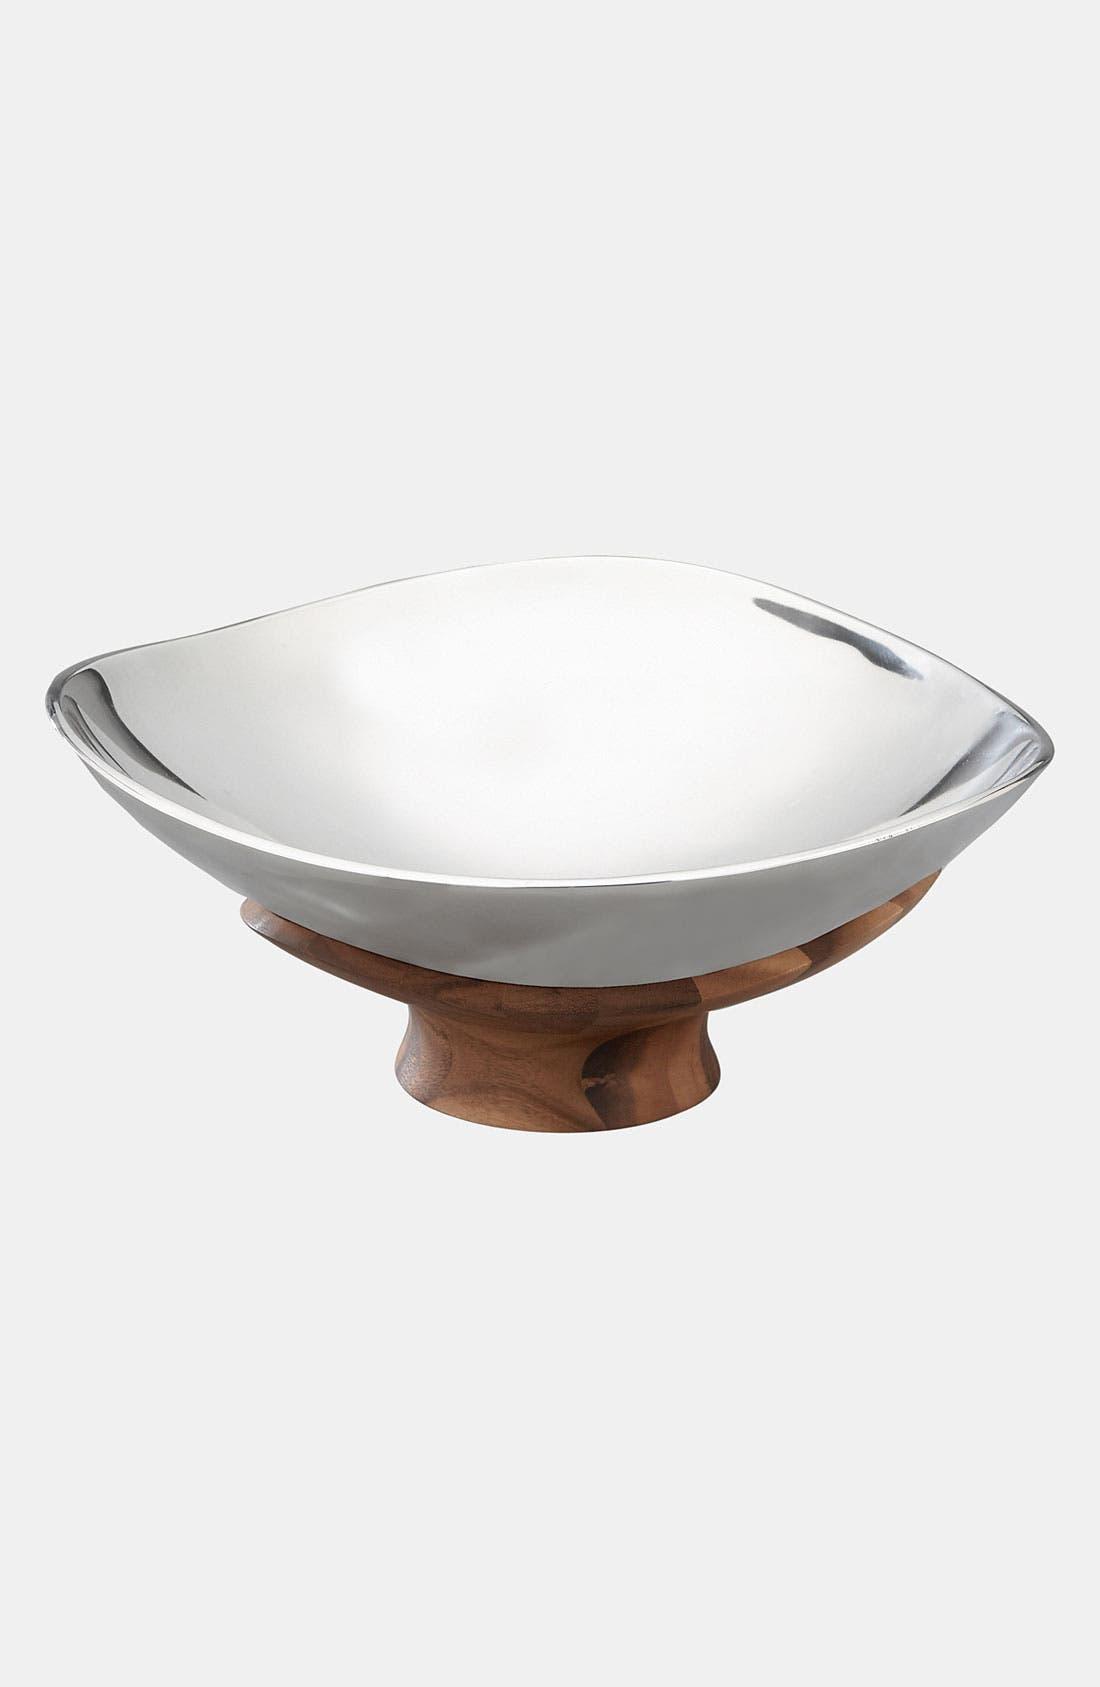 Alternate Image 1 Selected - Nambé 'Cradle' Pasta Bowl